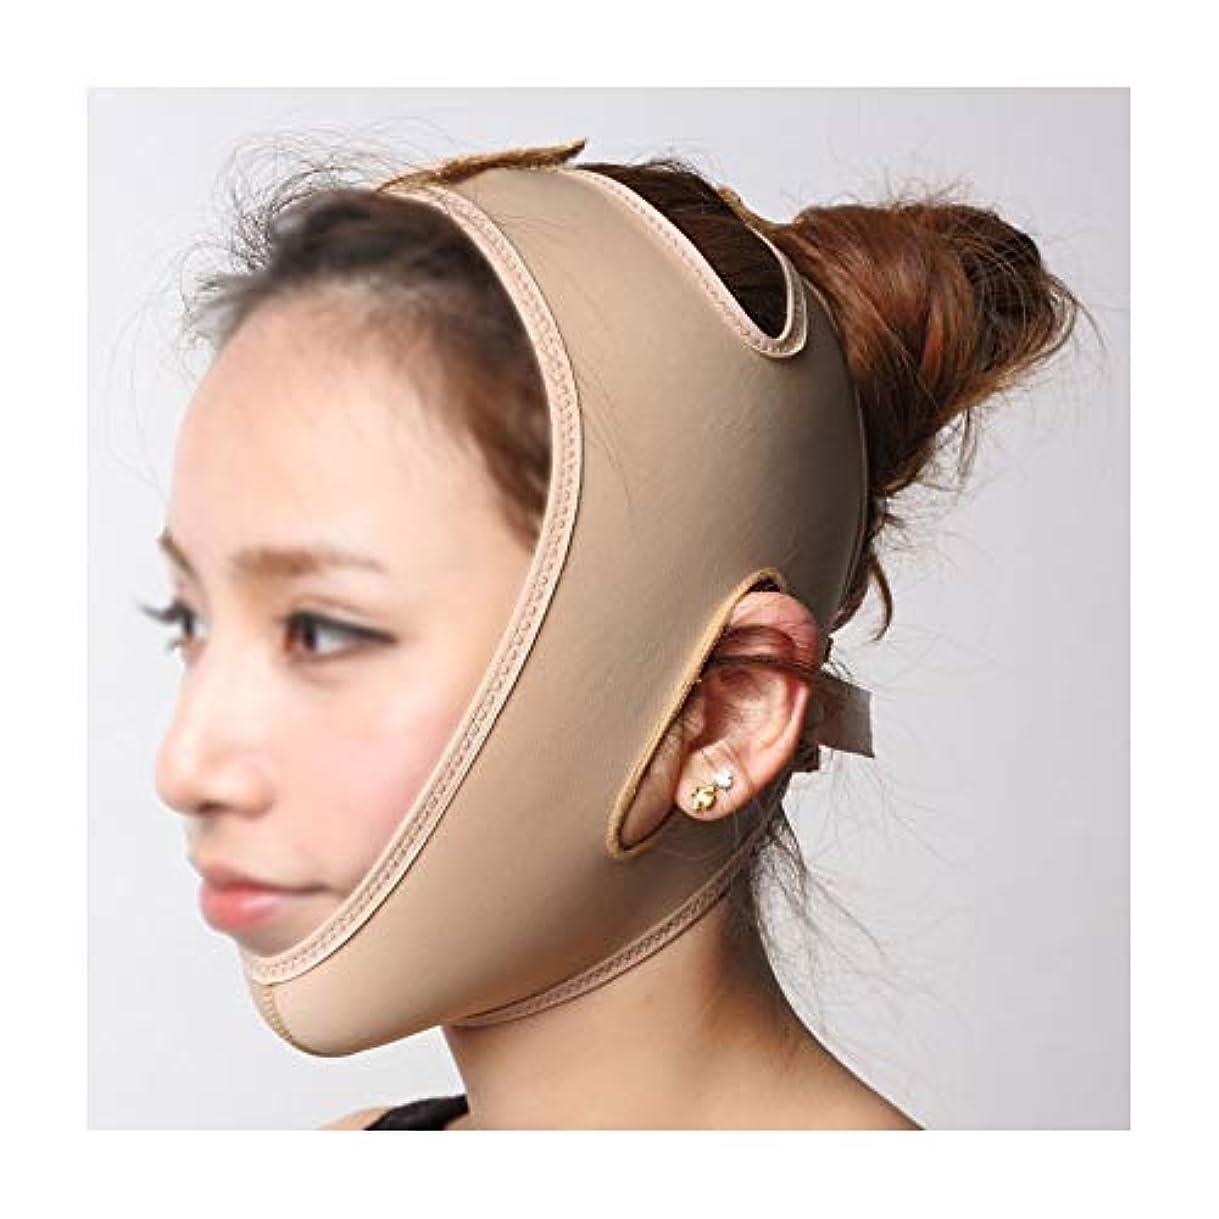 十代確立します適用するファーミングフェイスマスク、スリーピングシンフェイス包帯シンフェイスマスクフェイスリフティングフェイスメロンフェイスVフェイスリフティングファーミングダブルチンビューティツール(サイズ:M)